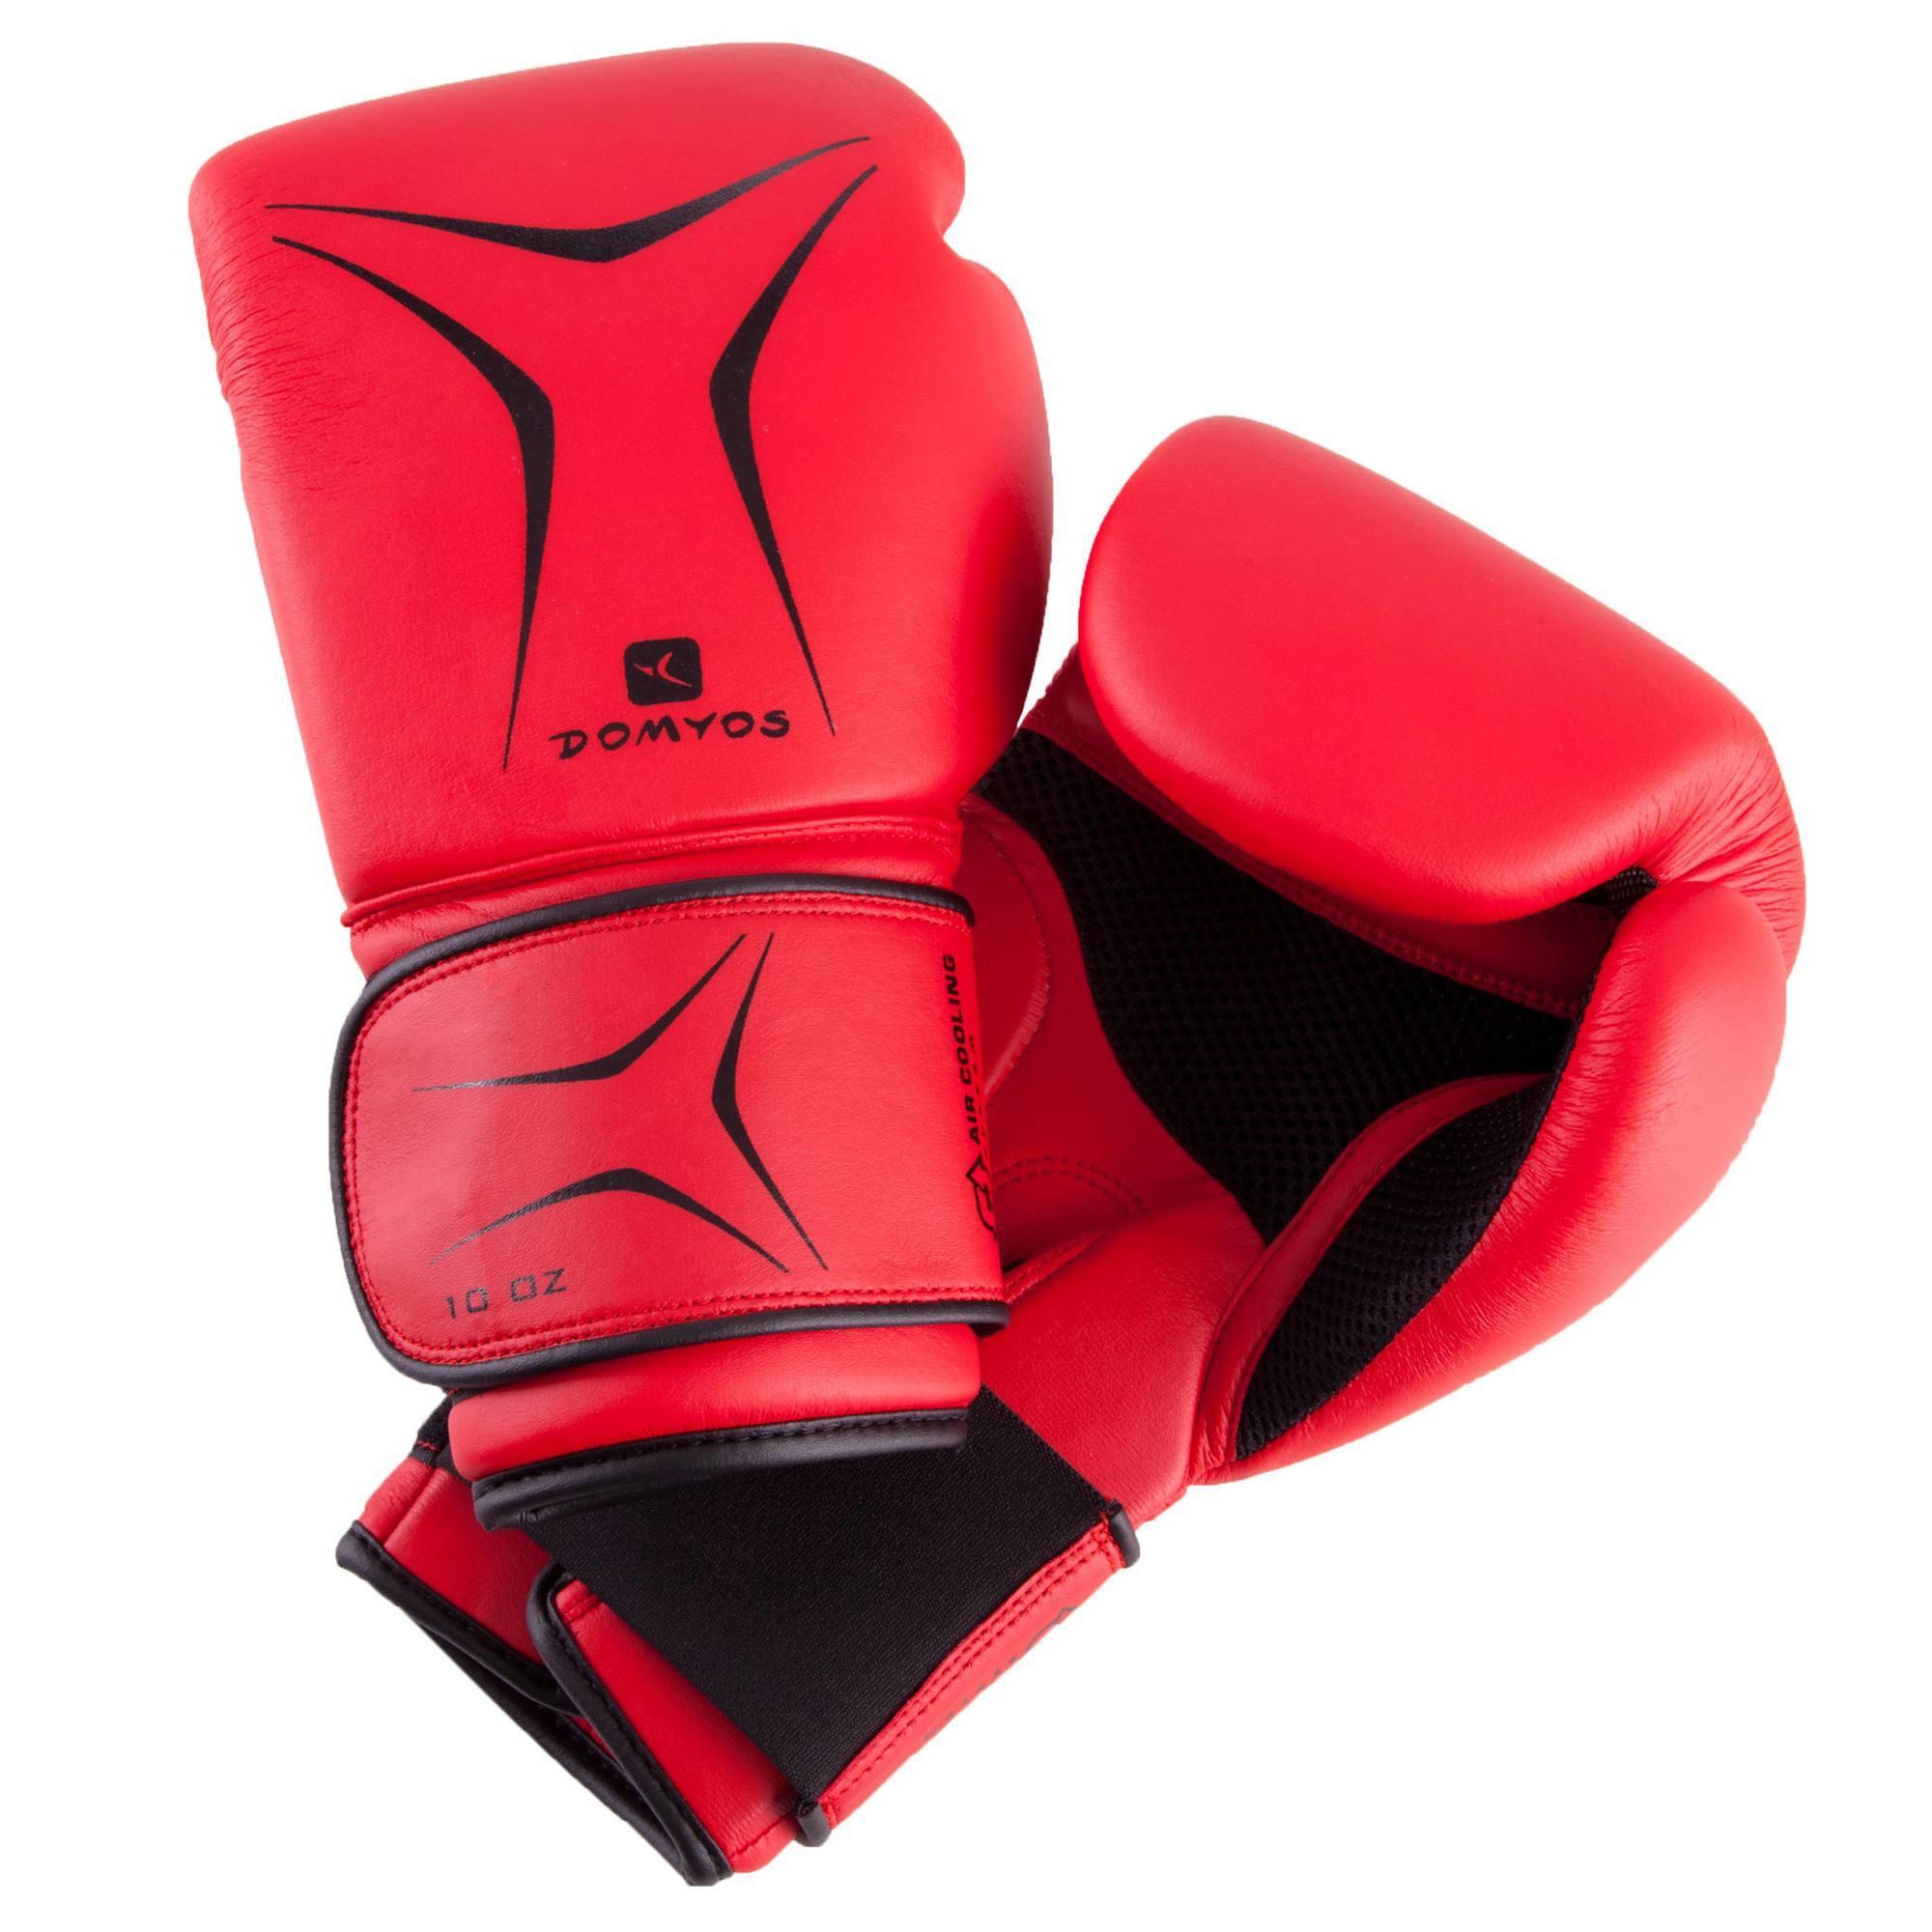 2000x2000 Fkt 180 Beginners' Boxing Gloves